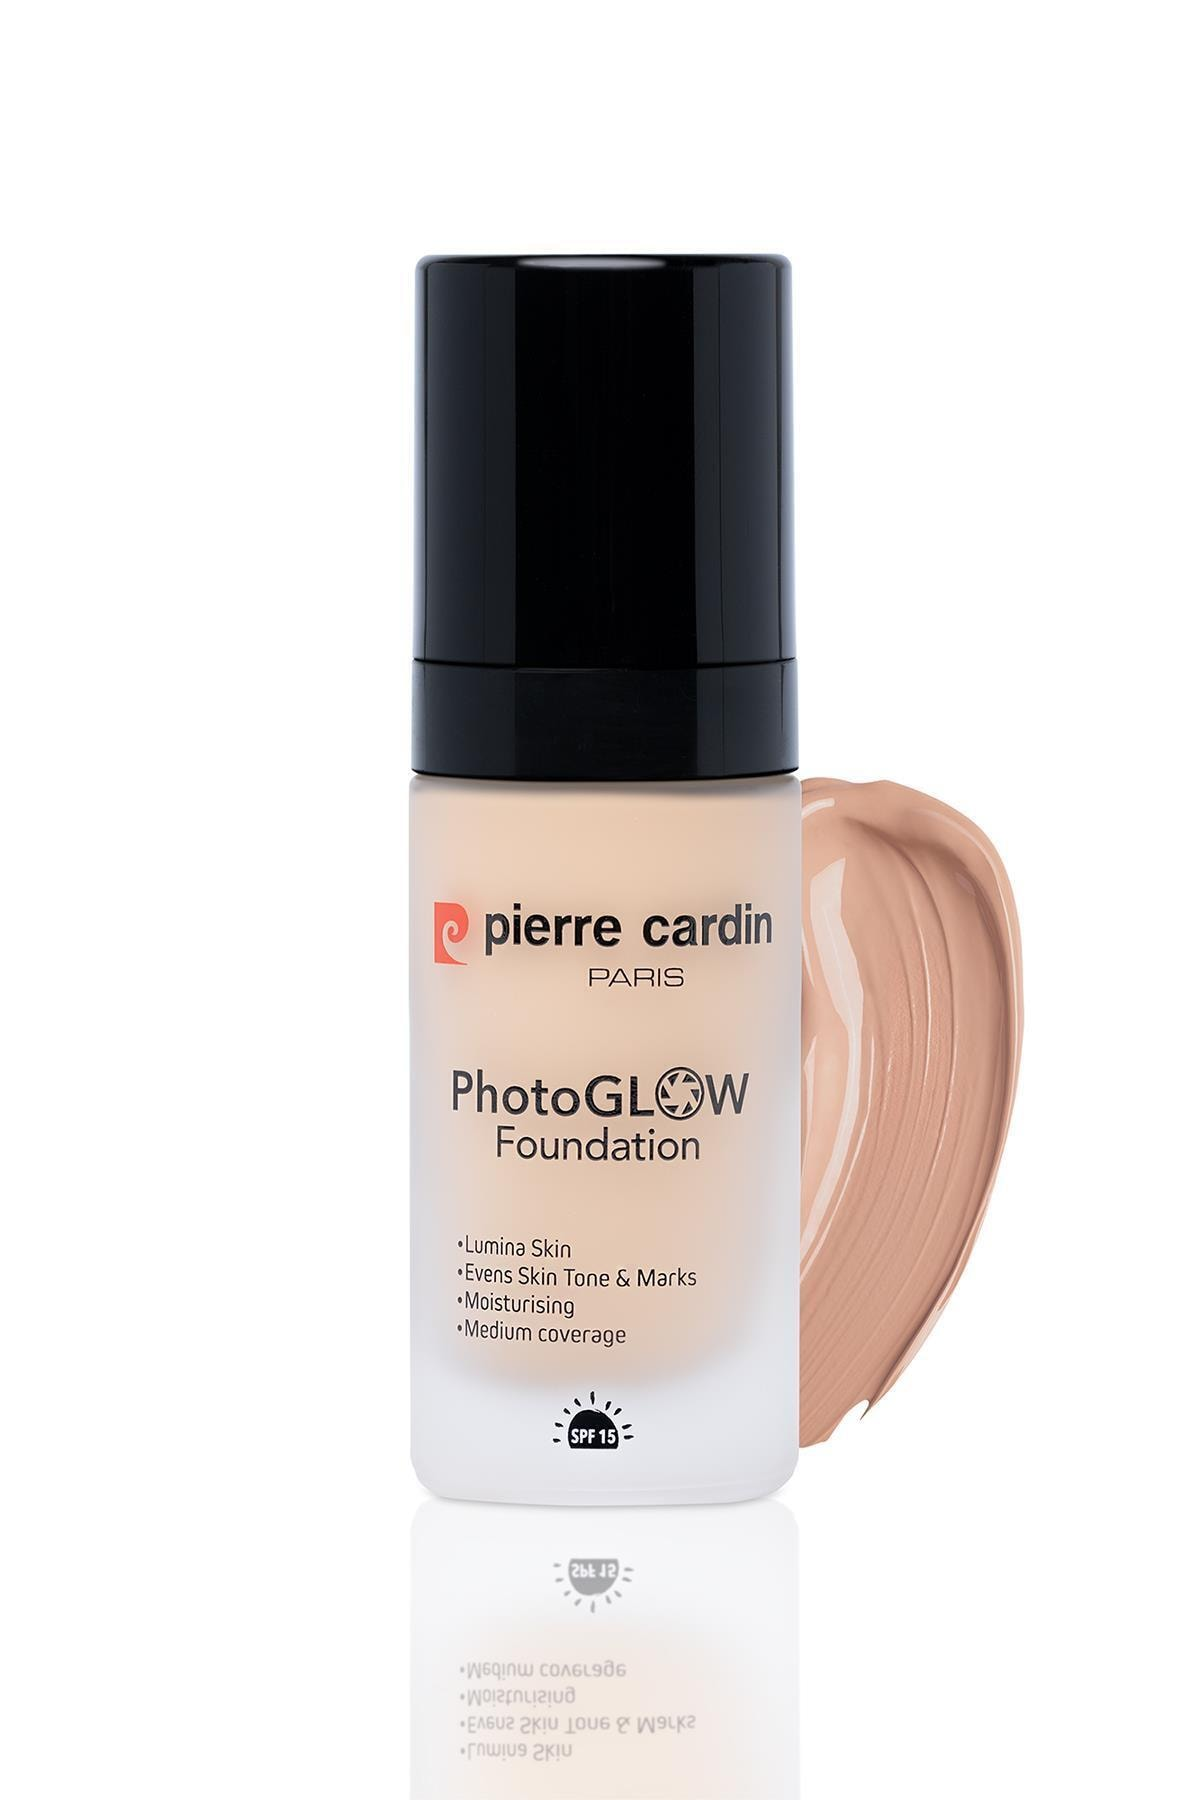 Photoglow Aydınlık Veren Fondöten Light Skin With Neutral